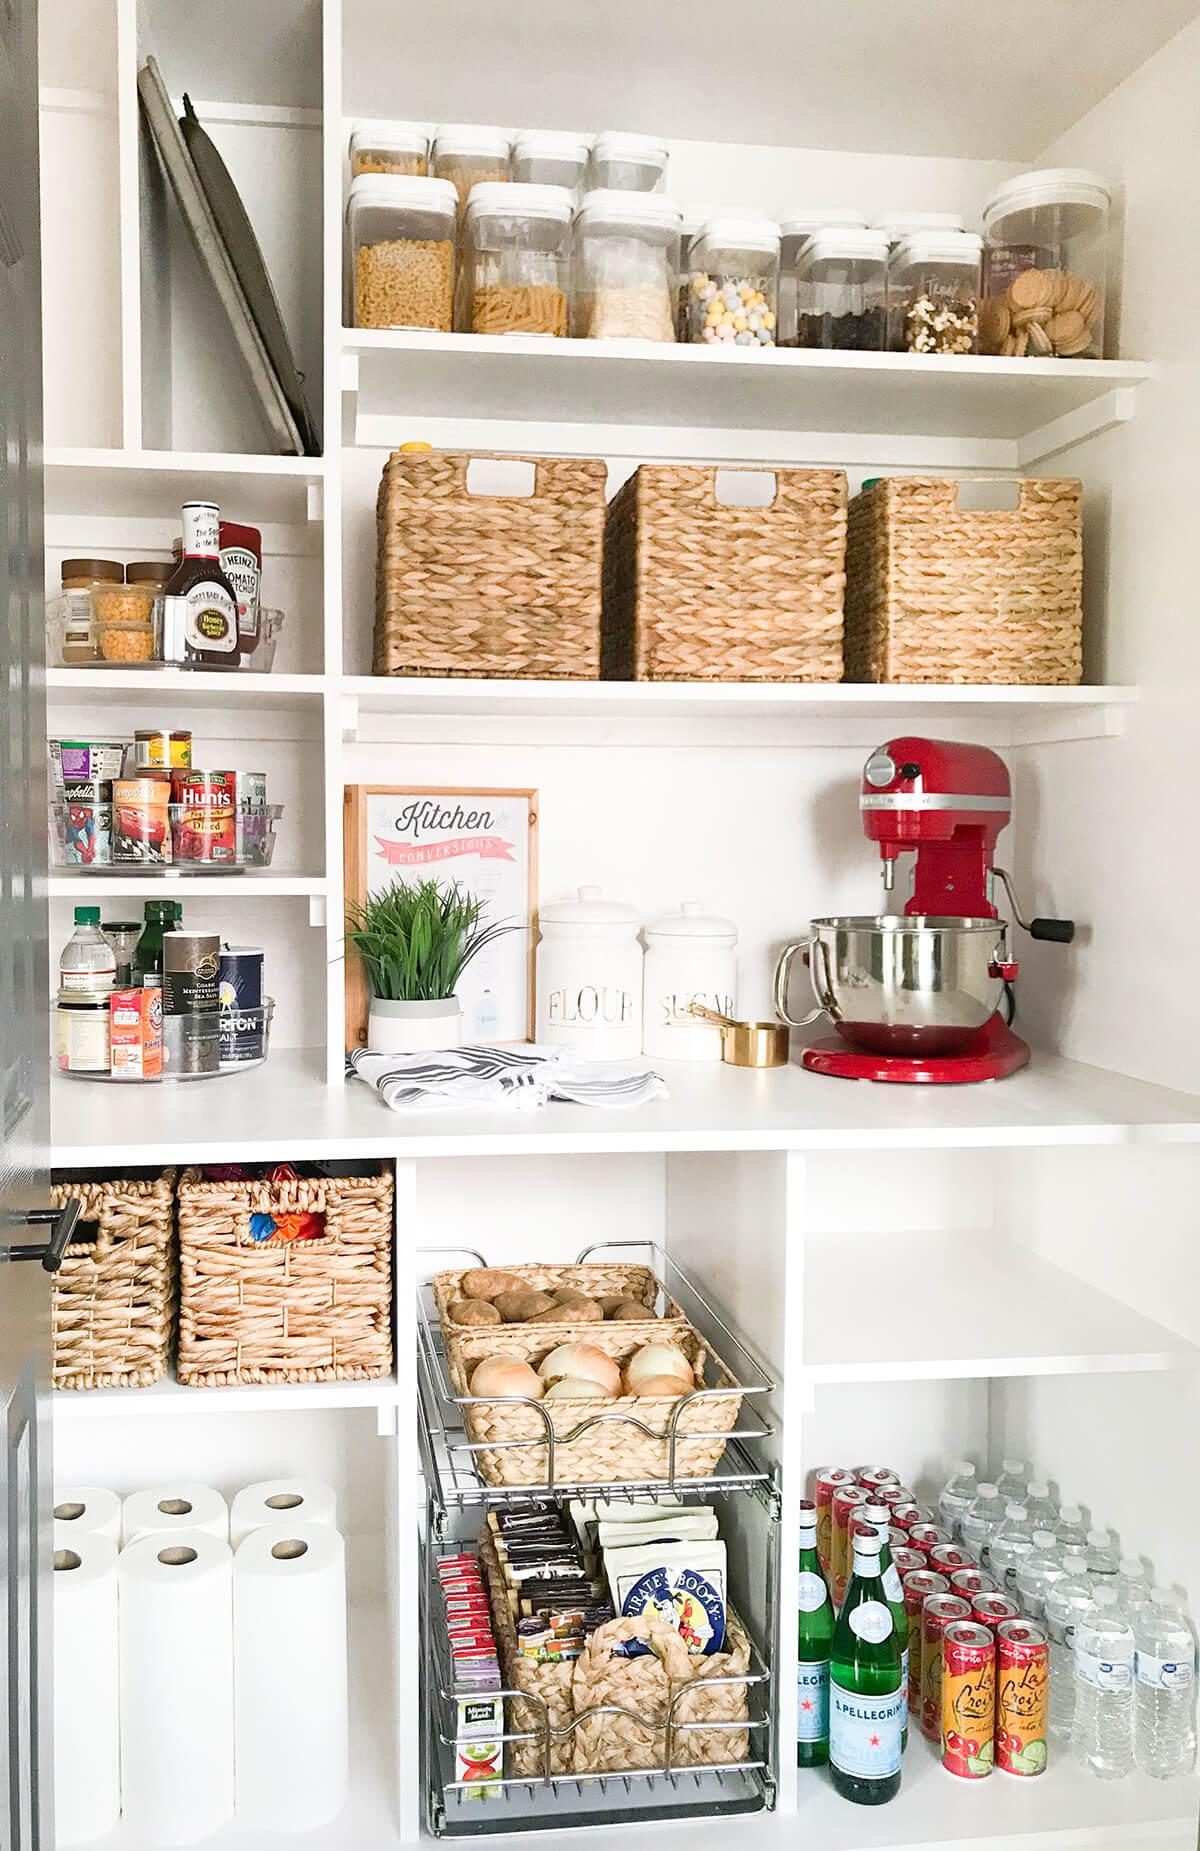 стеллажи для организации кладовой на кухне фото 6